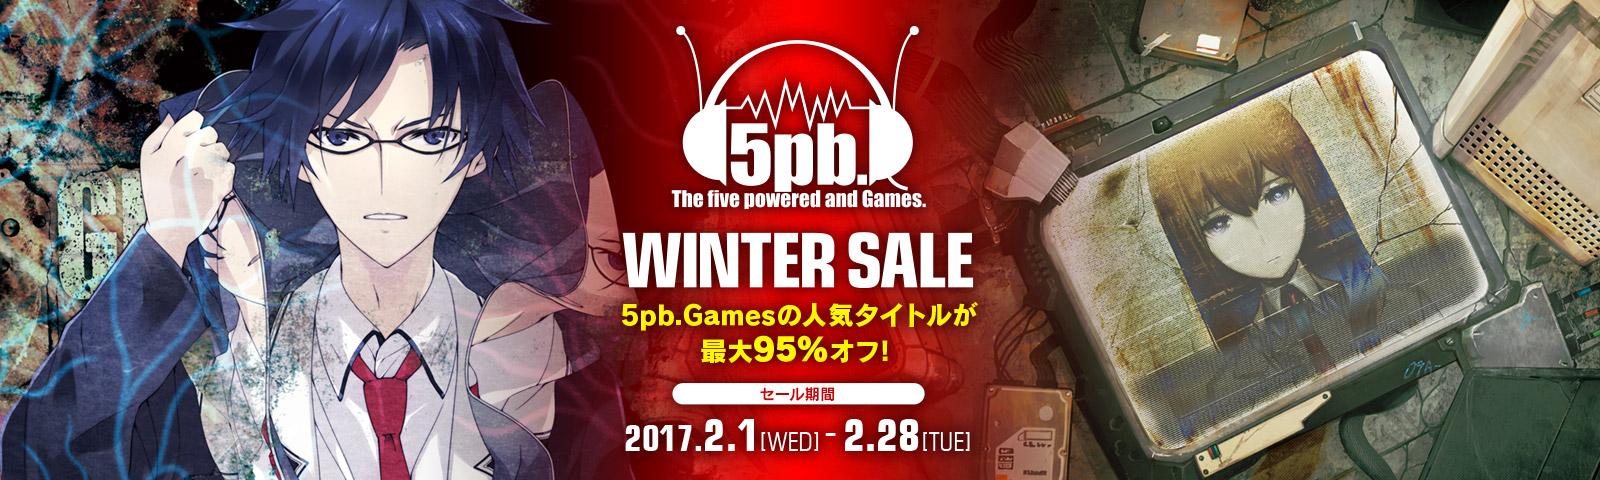 5pb.Gamesの人気タイトルが最大95%OFFセールを開催中。STEINS;GATE 0が7560円⇒2160円など。~2/28。